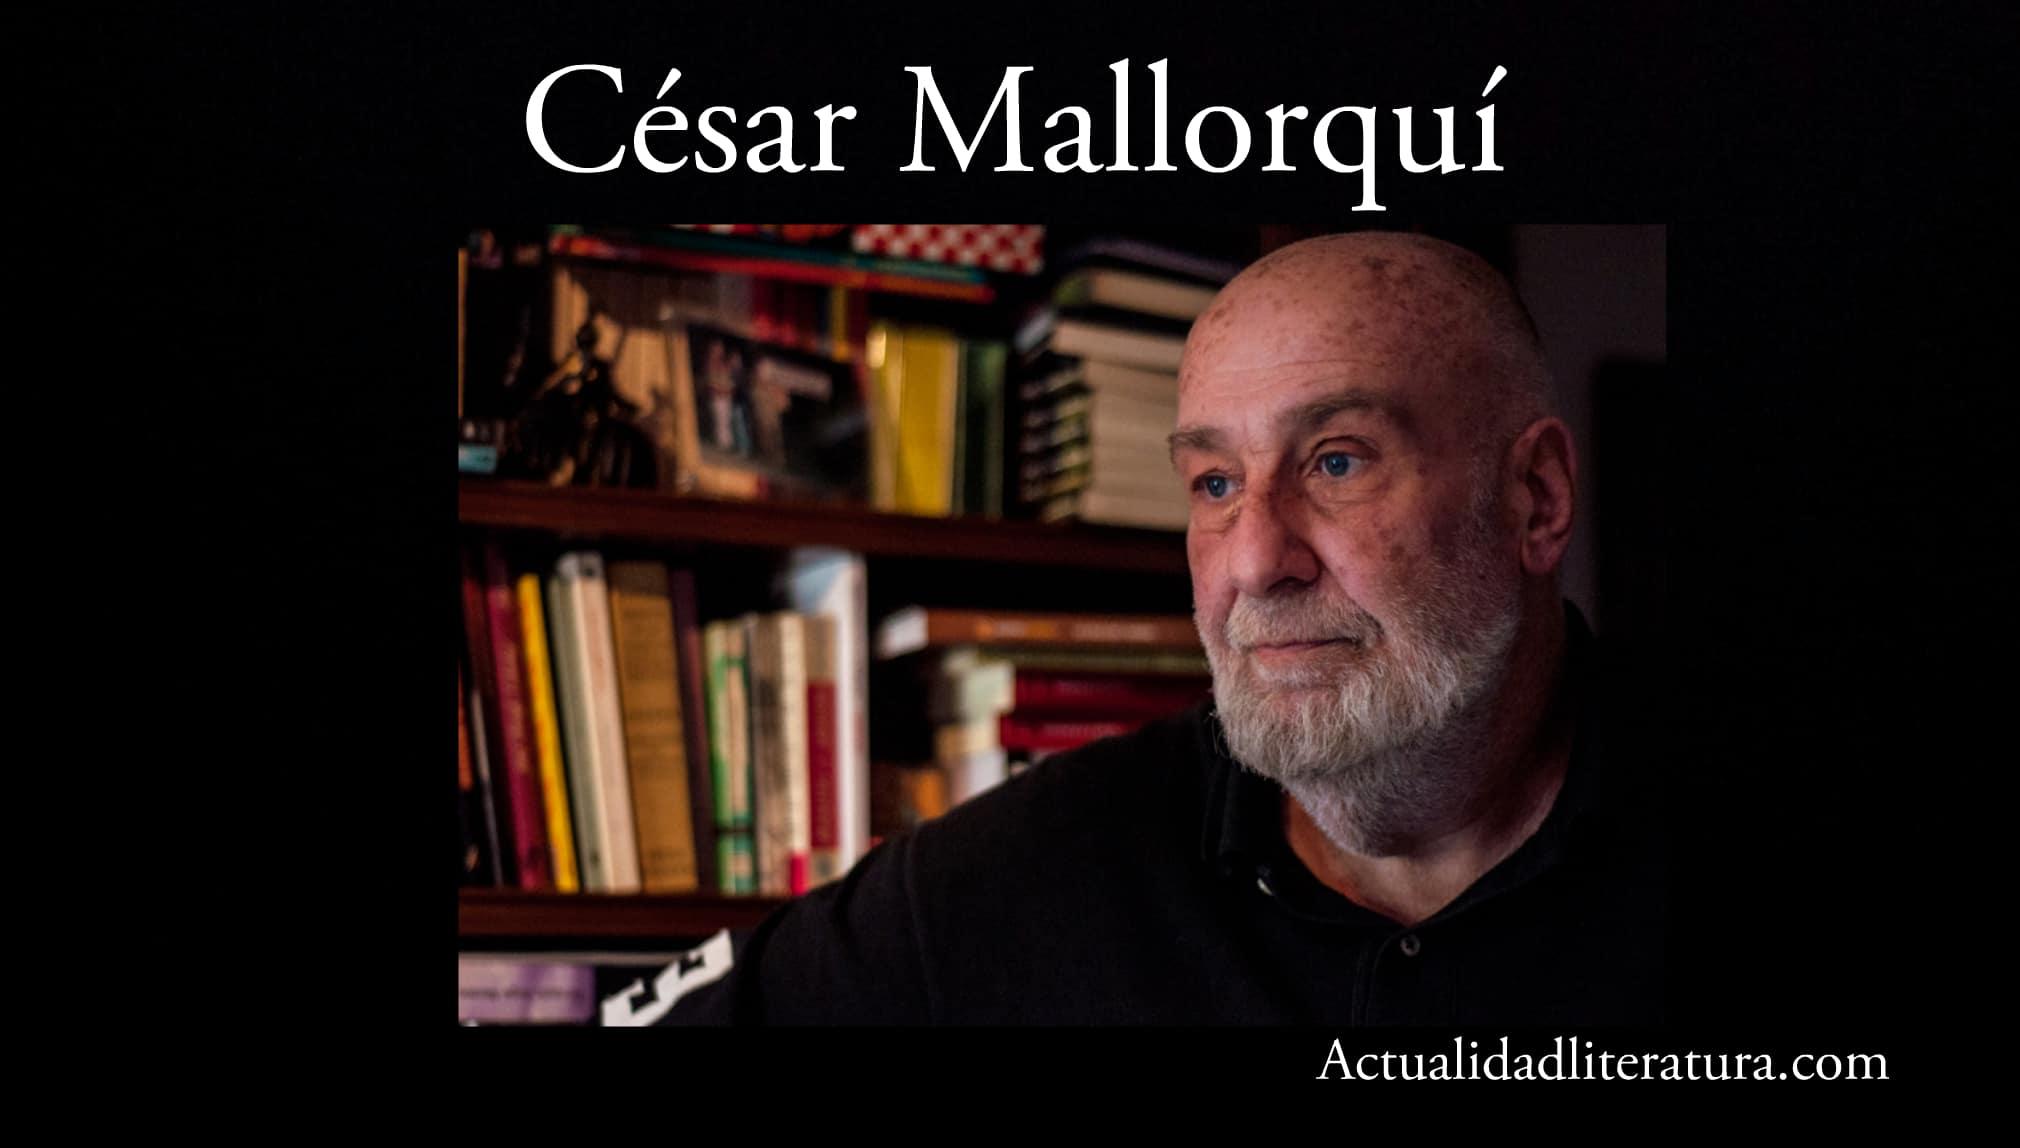 César Mallorquí